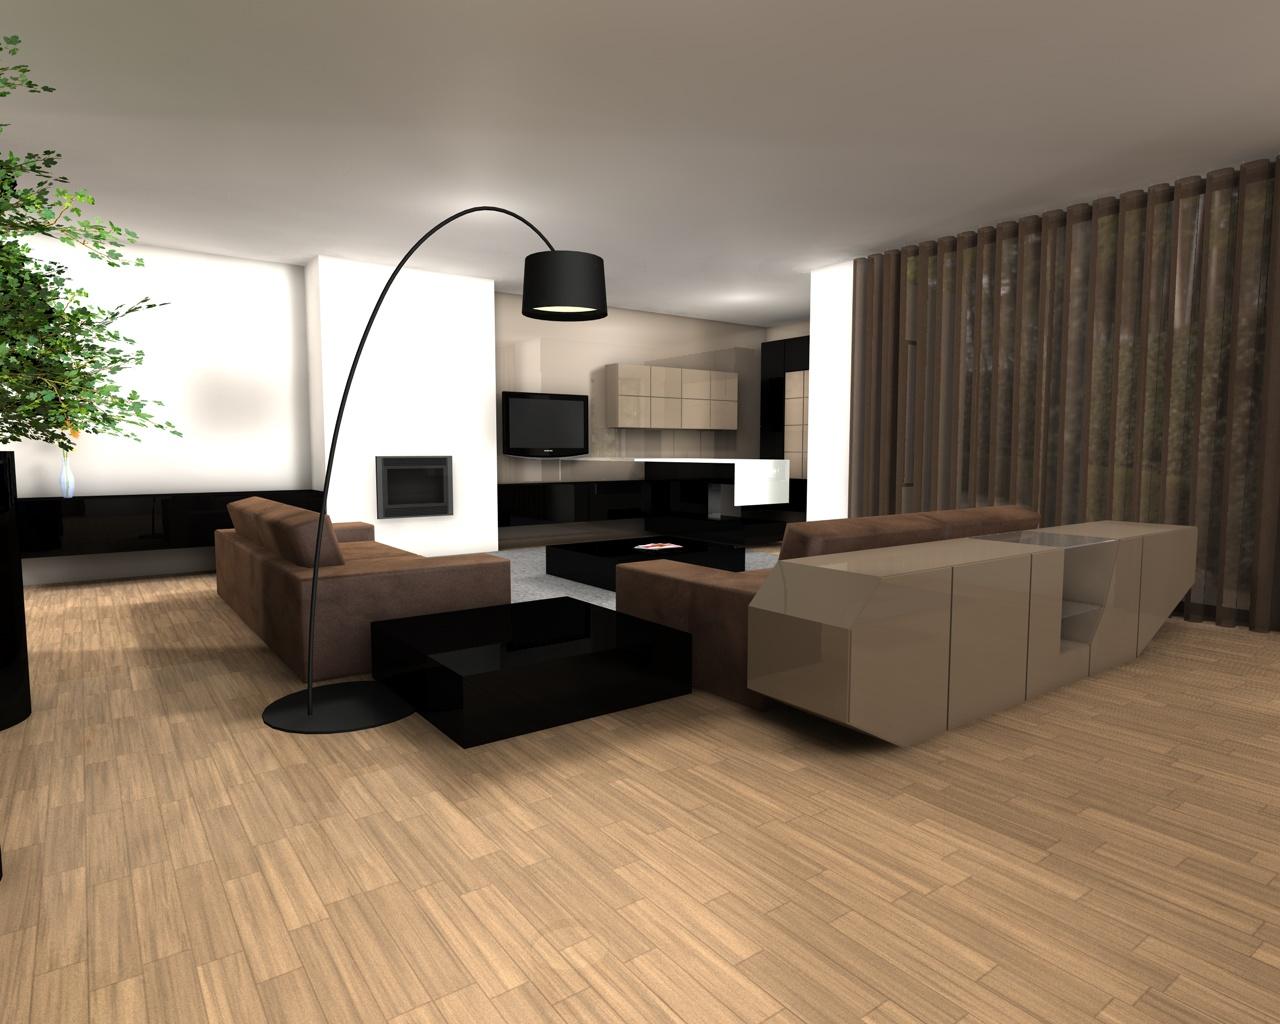 #956836 Decoração Sala de Estar e Bar 1280x1024 píxeis em Barzinho Moderno Na Sala De Estar